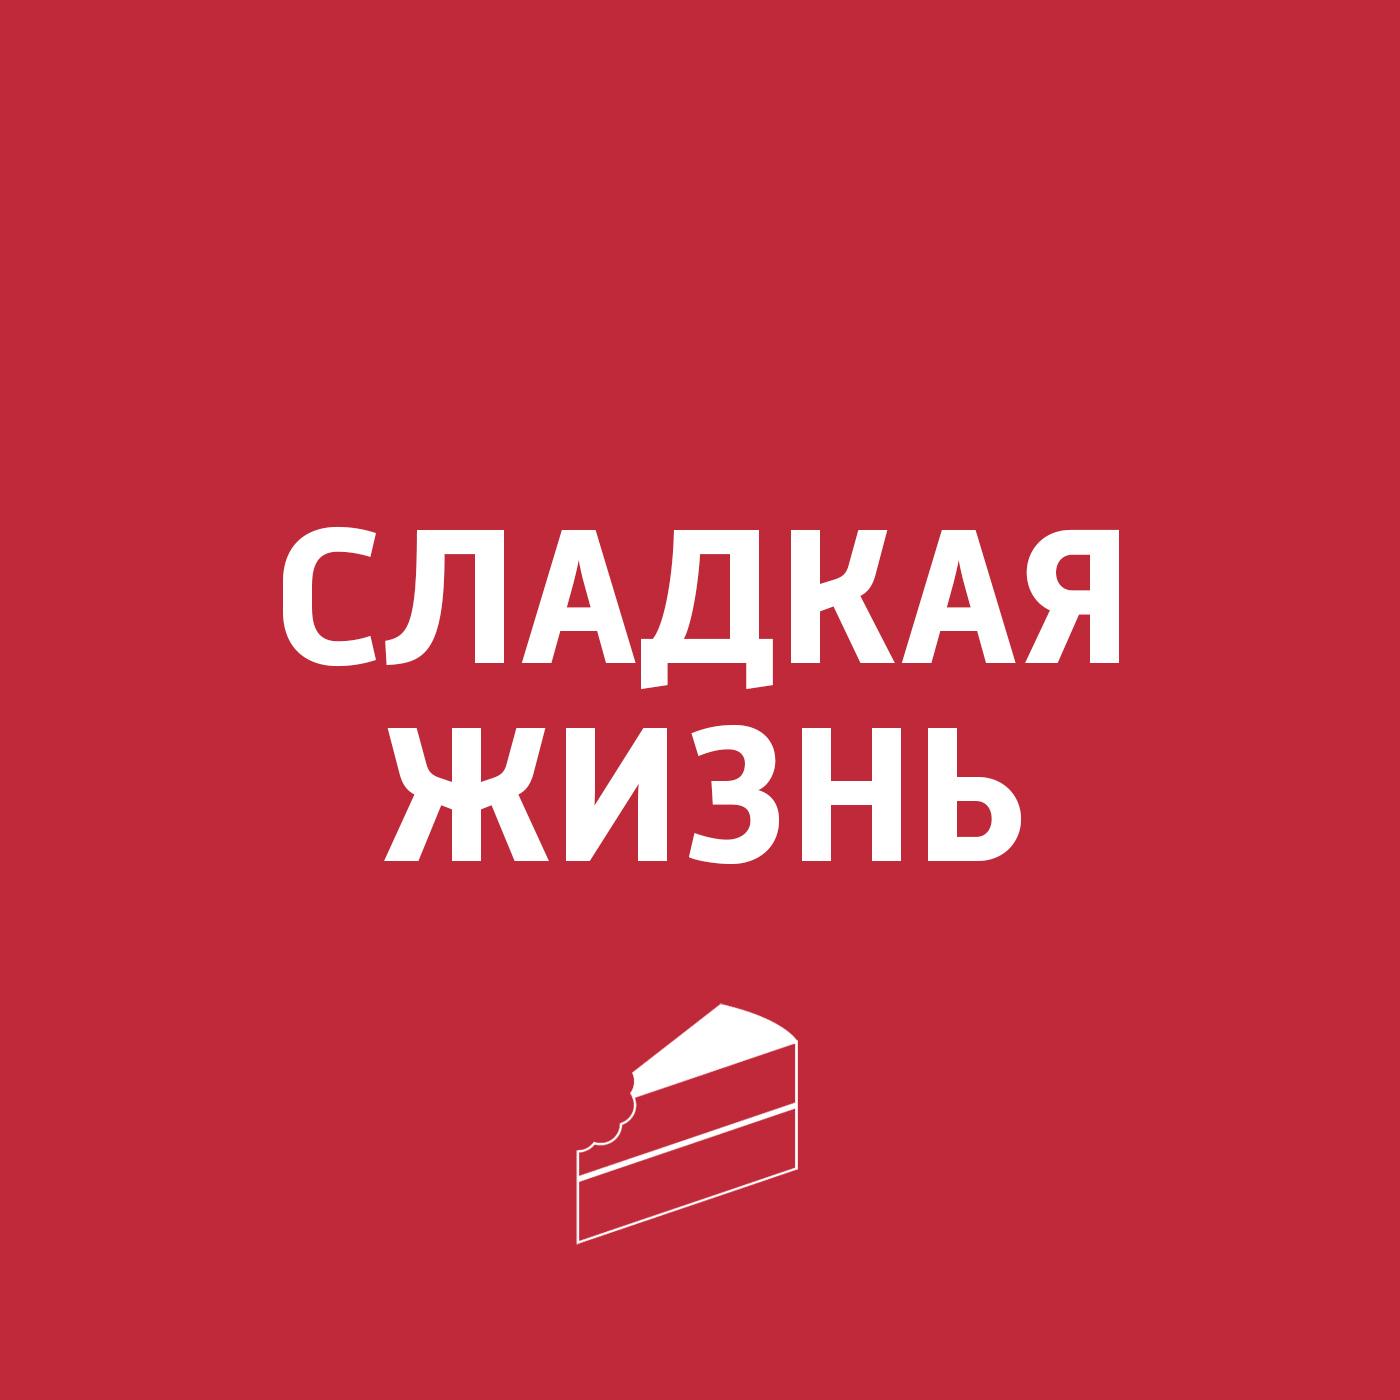 Картаев Павел Панна котта ганна рось панна марічка